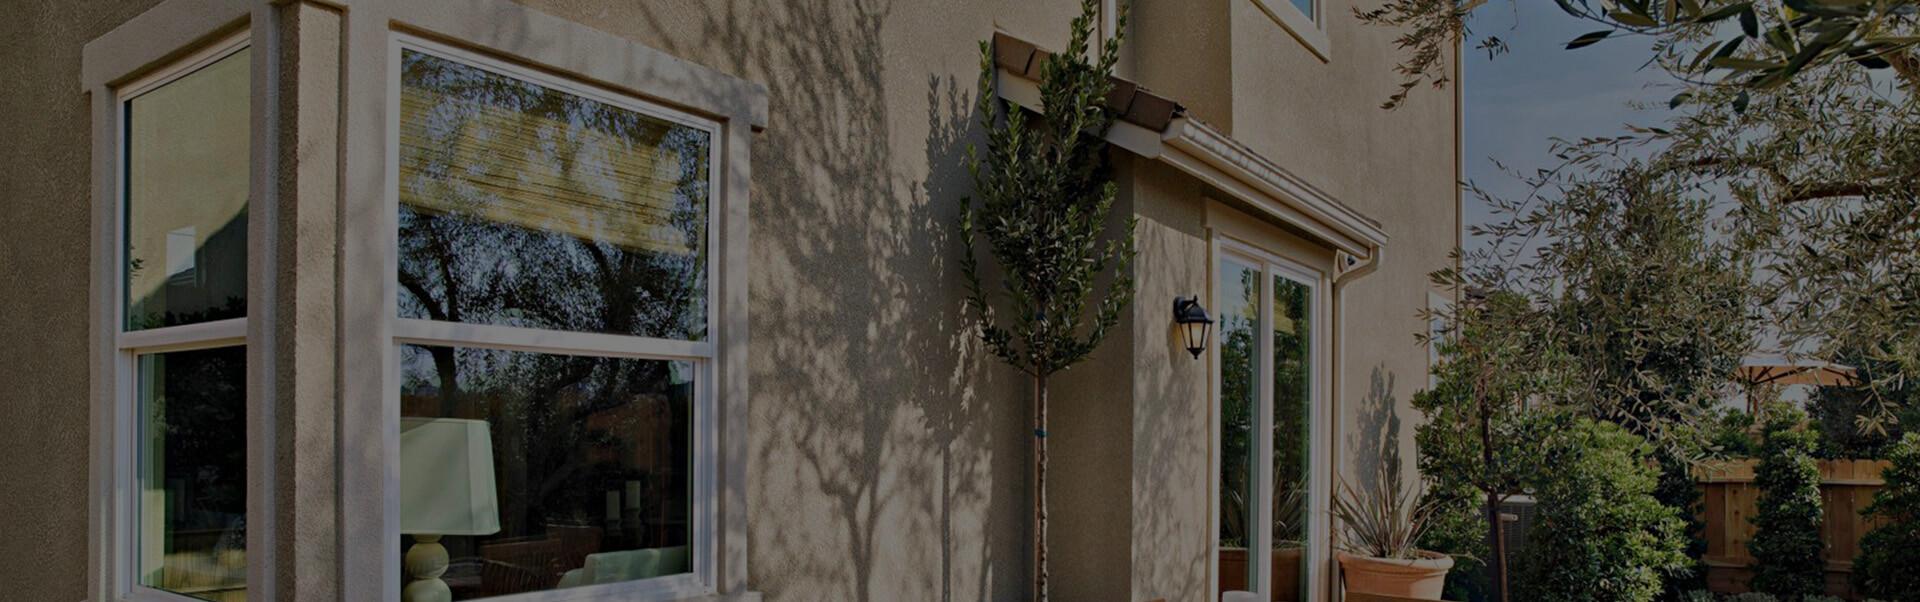 sliding doors in tucson arizona